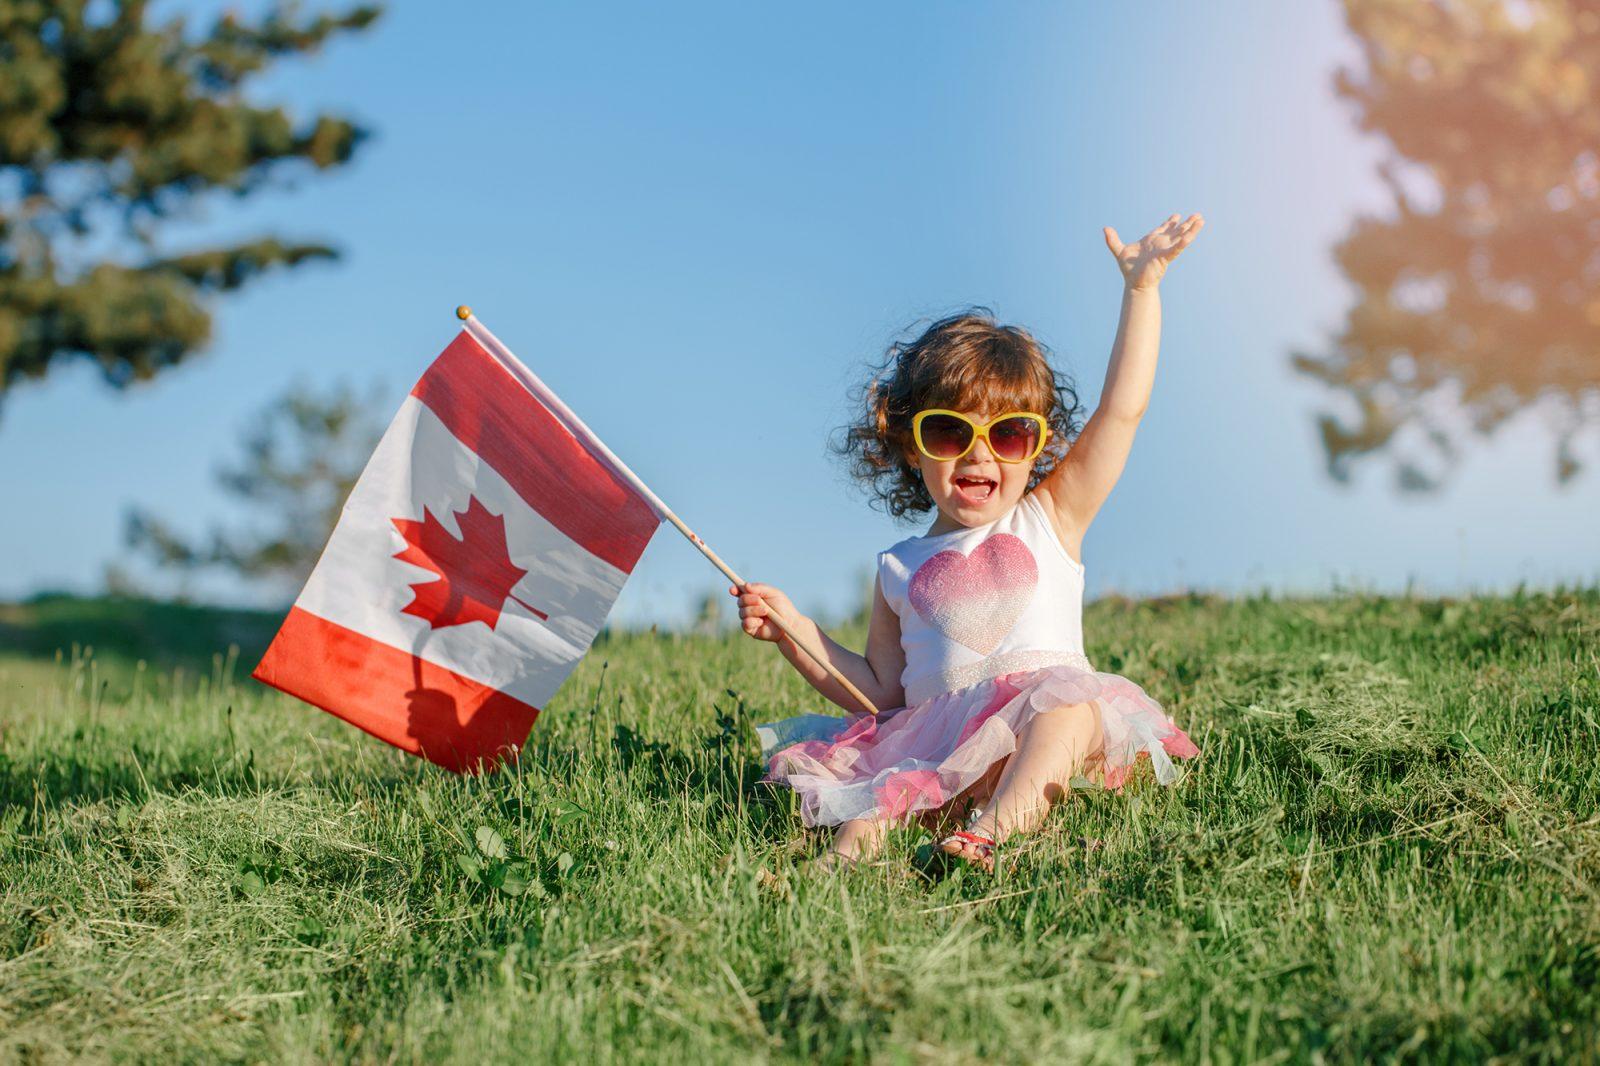 Les fêtes du Canada tombent à l'eau